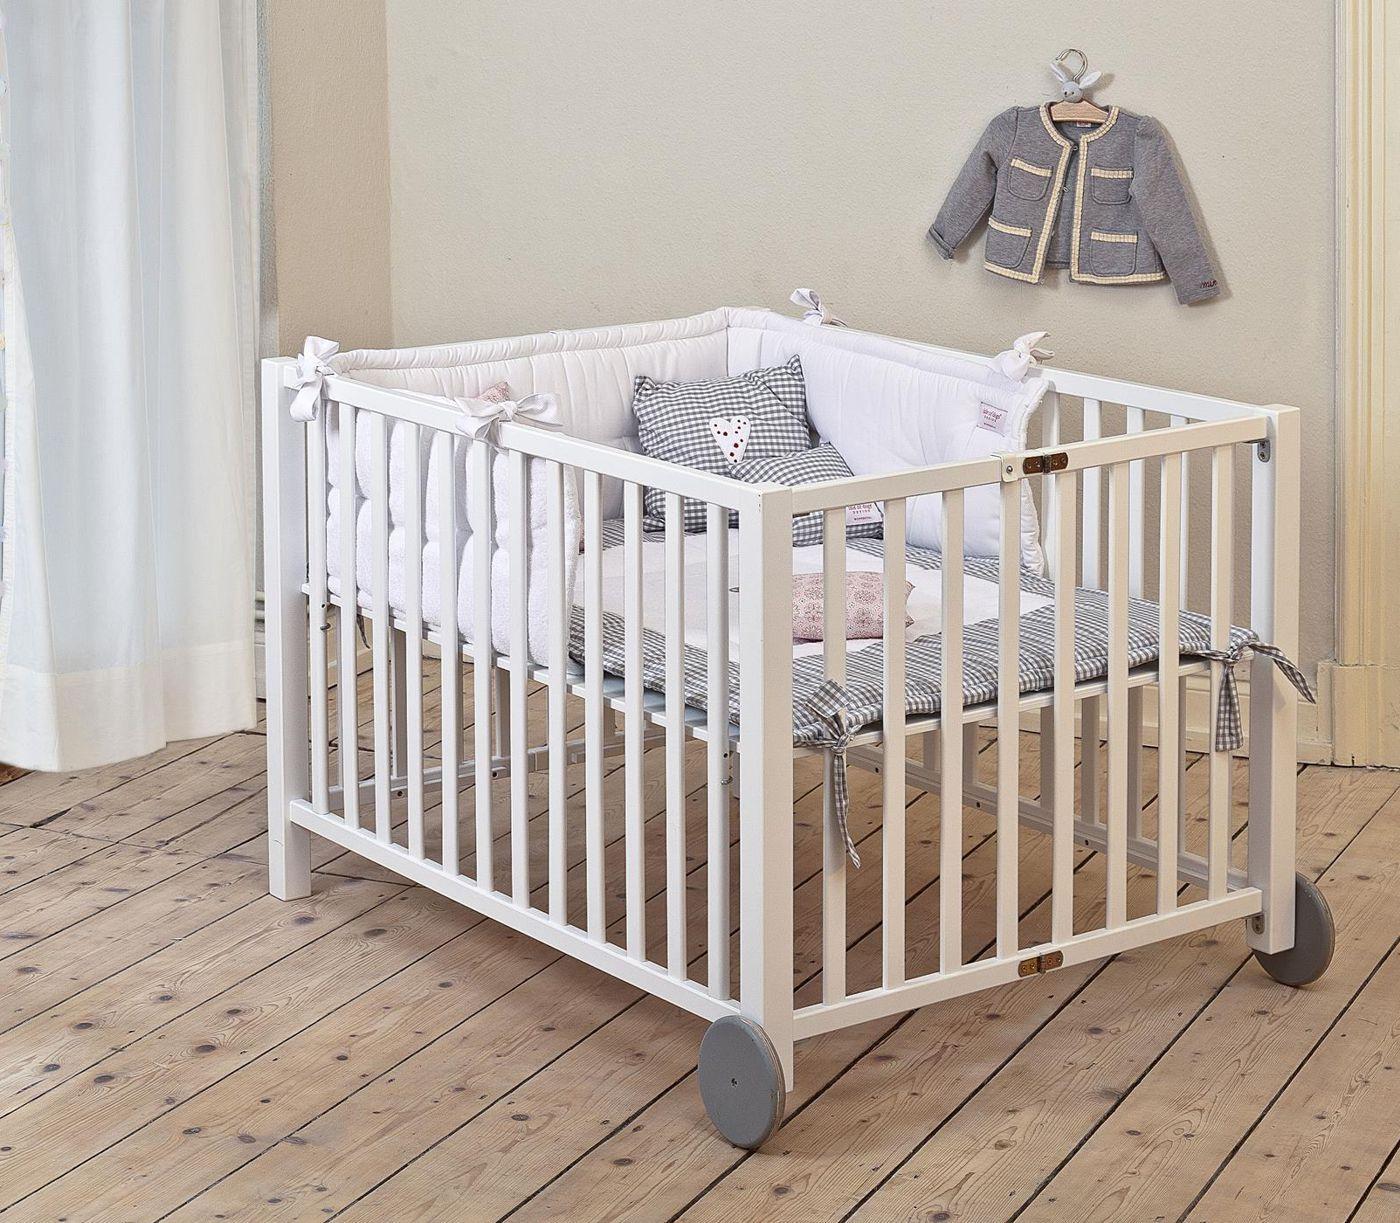 Laufstall auf Rädern | Baby | Pinterest | Laufstall, Kinderzimmer ...